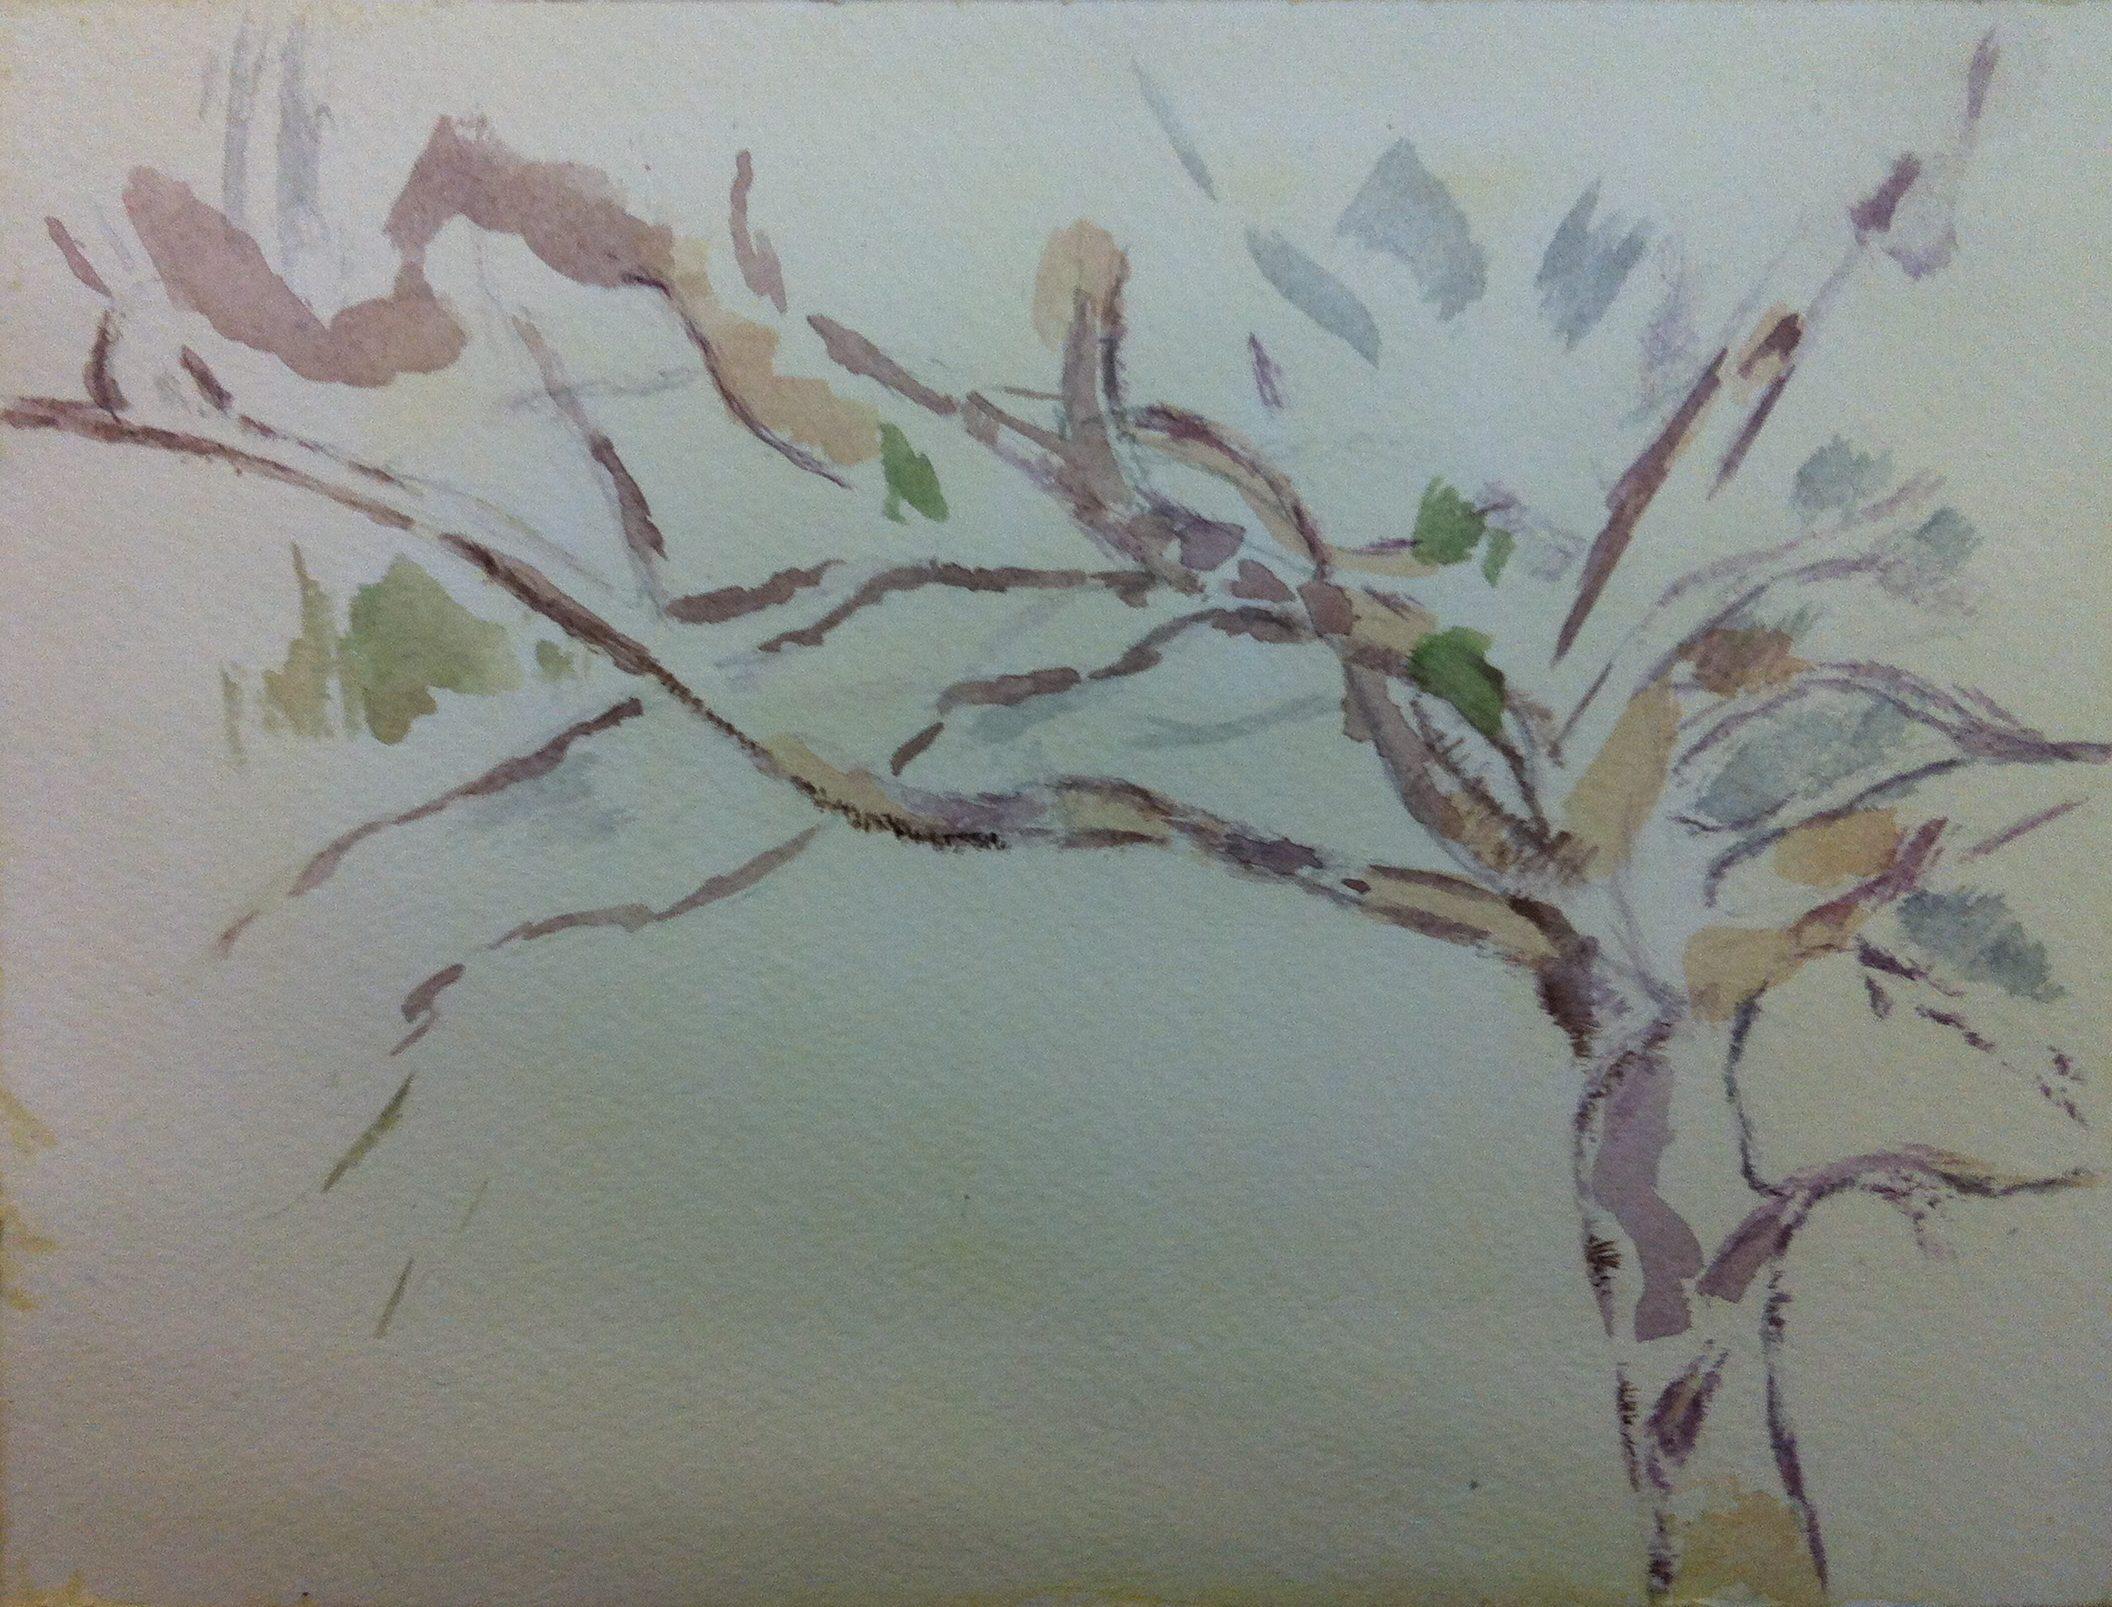 ein bisschen nach Paul Cézanne